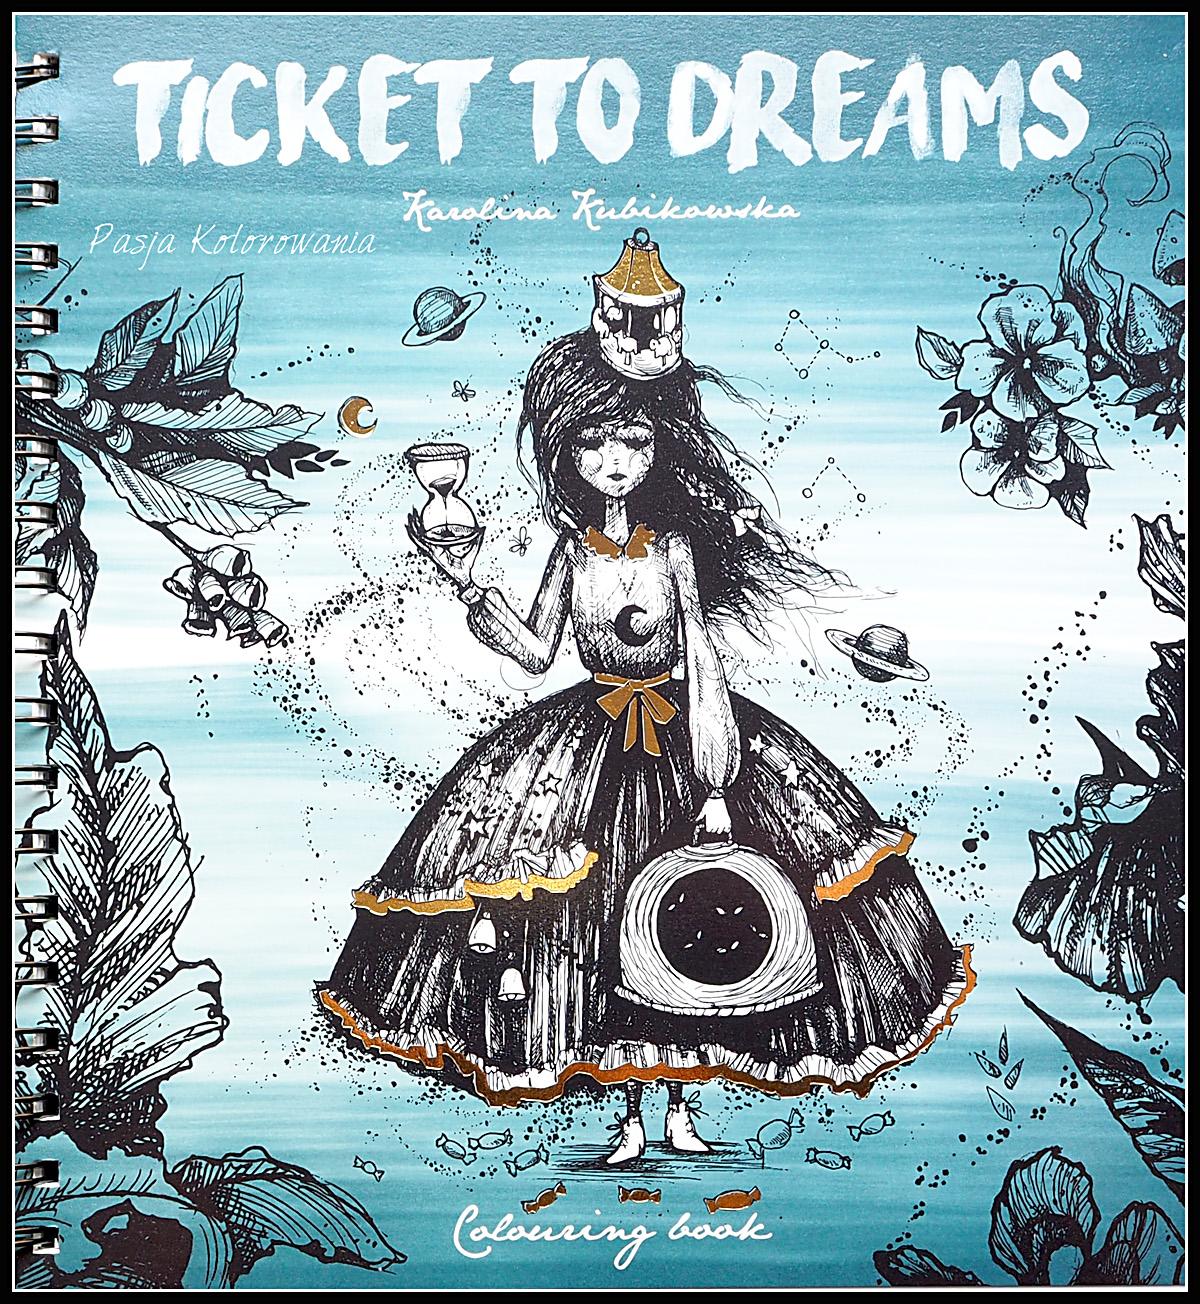 kolorowanka Ticket to Dreams Karolina Kubikowska